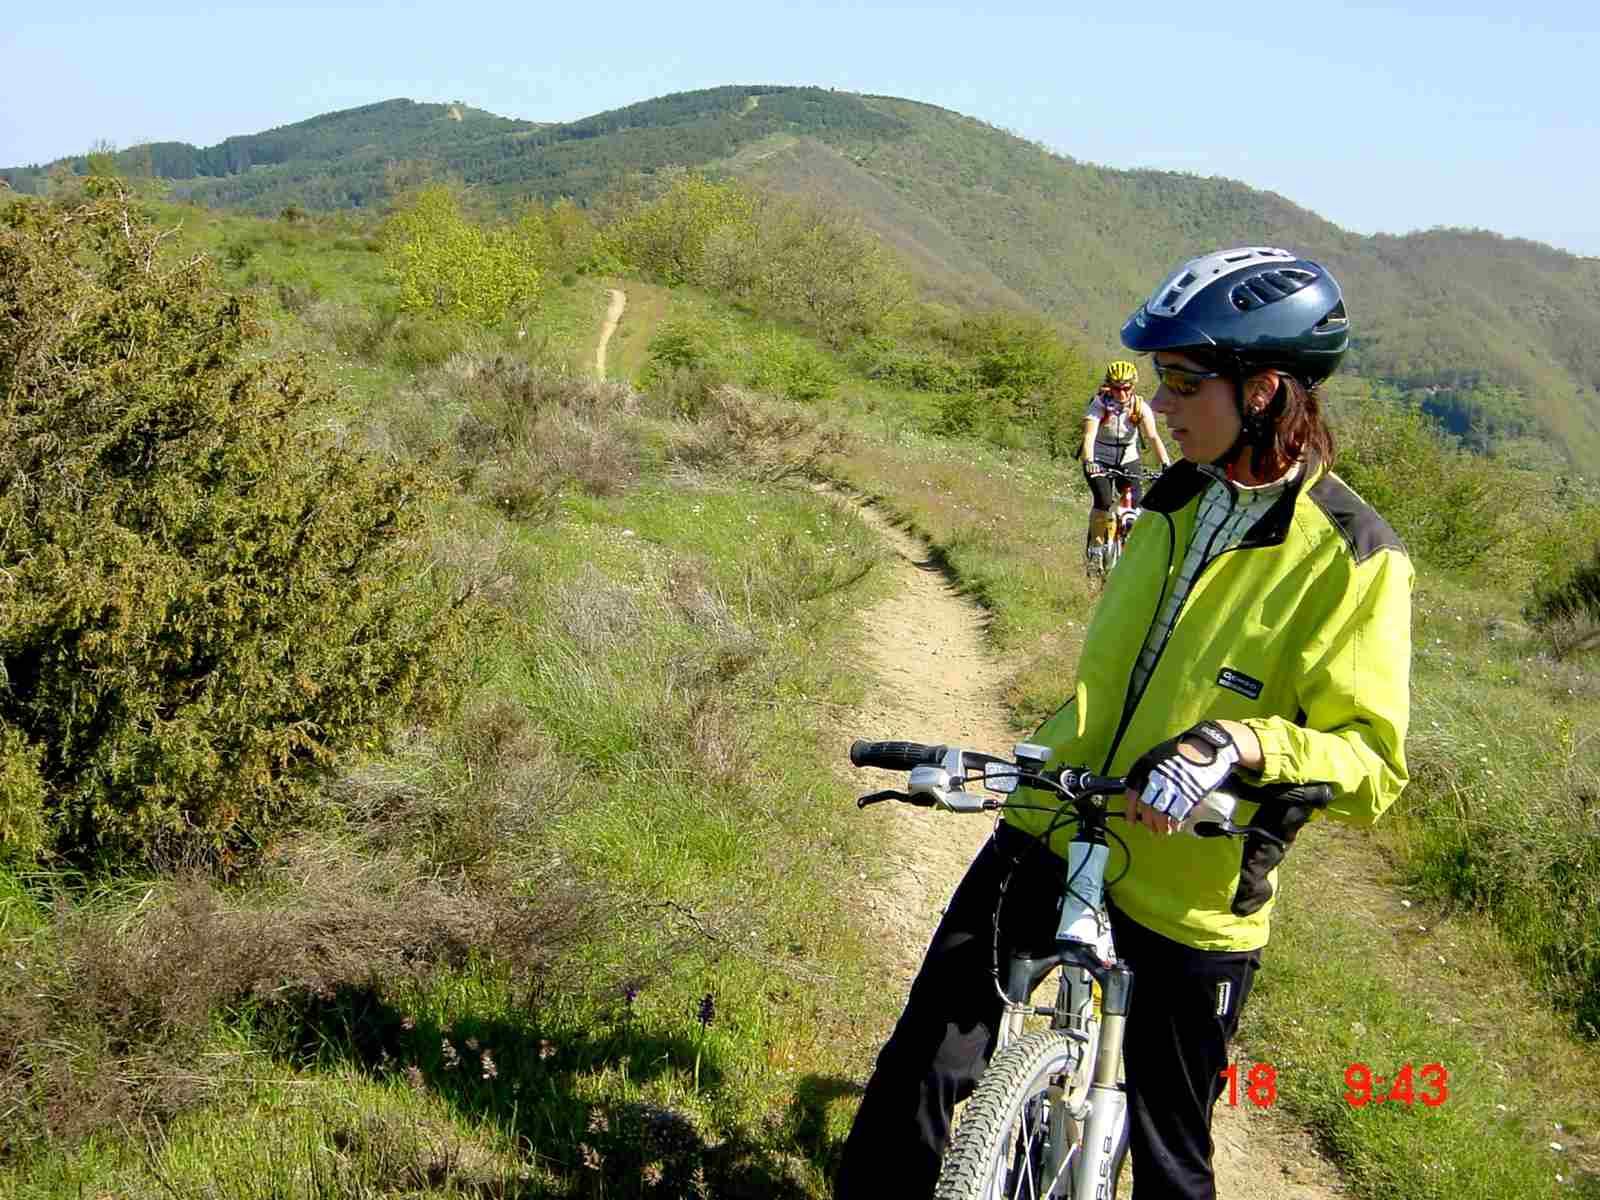 Foto: Manfred Karl / Mountainbike Tour / Monte Ginezzo, 928 m / Über diese Hügel geht es drüber / 20.06.2007 06:20:36